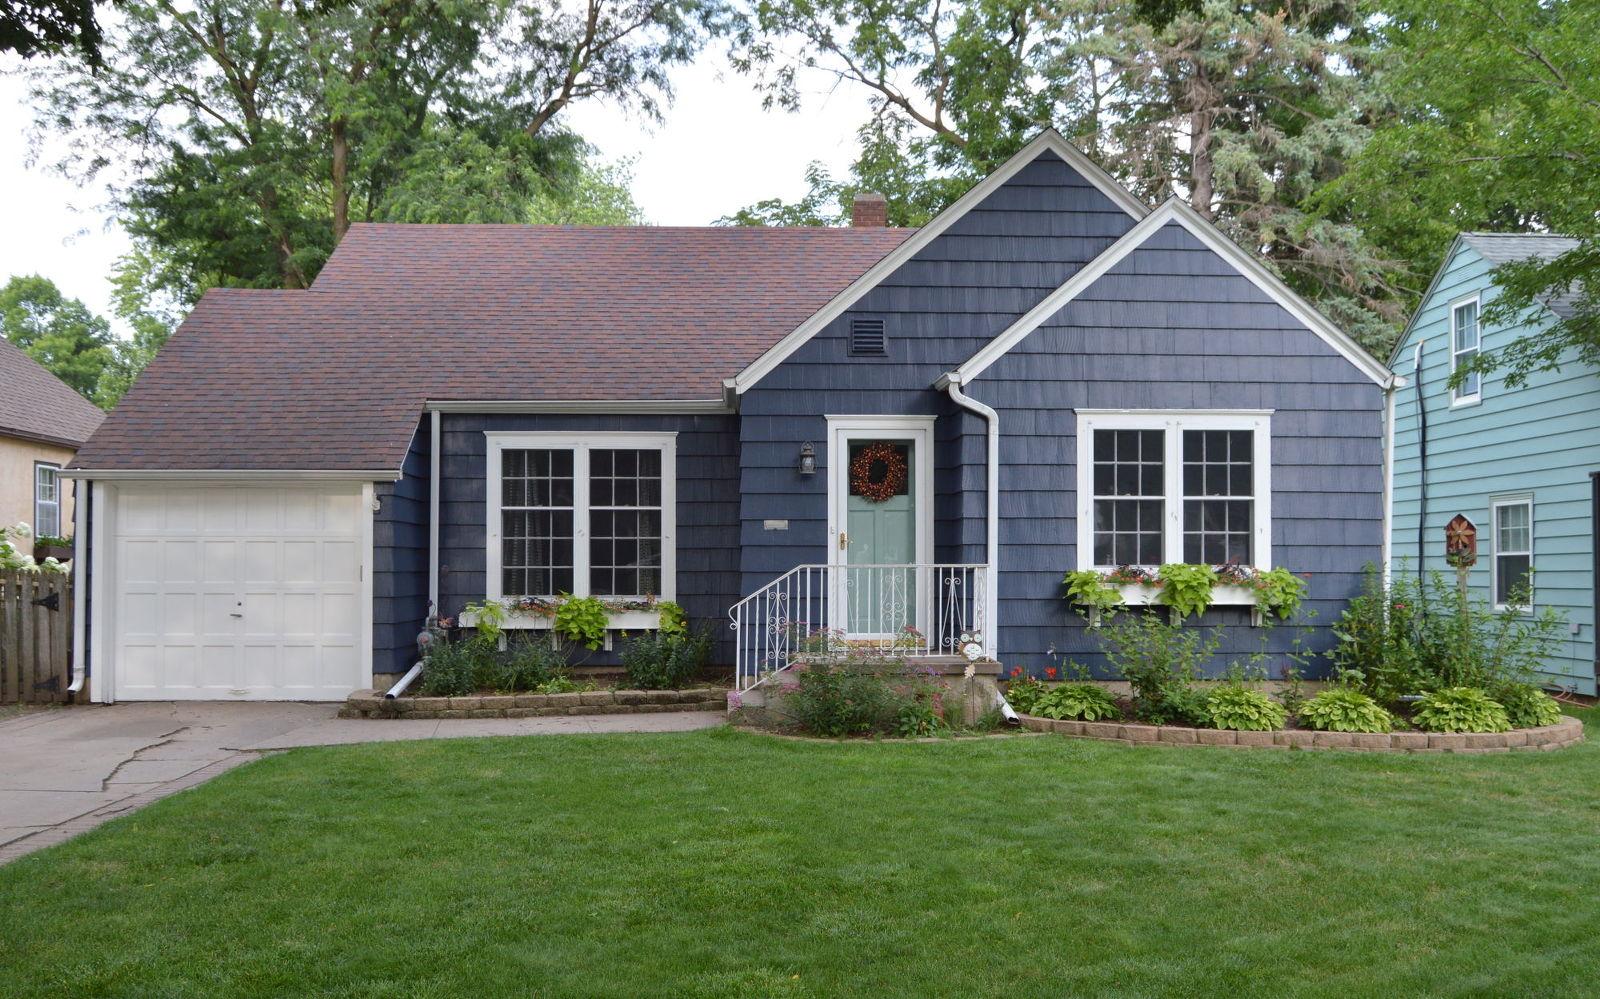 11 Quick Tricks to Whip Your Home Exterior Into Shape | Hometalk